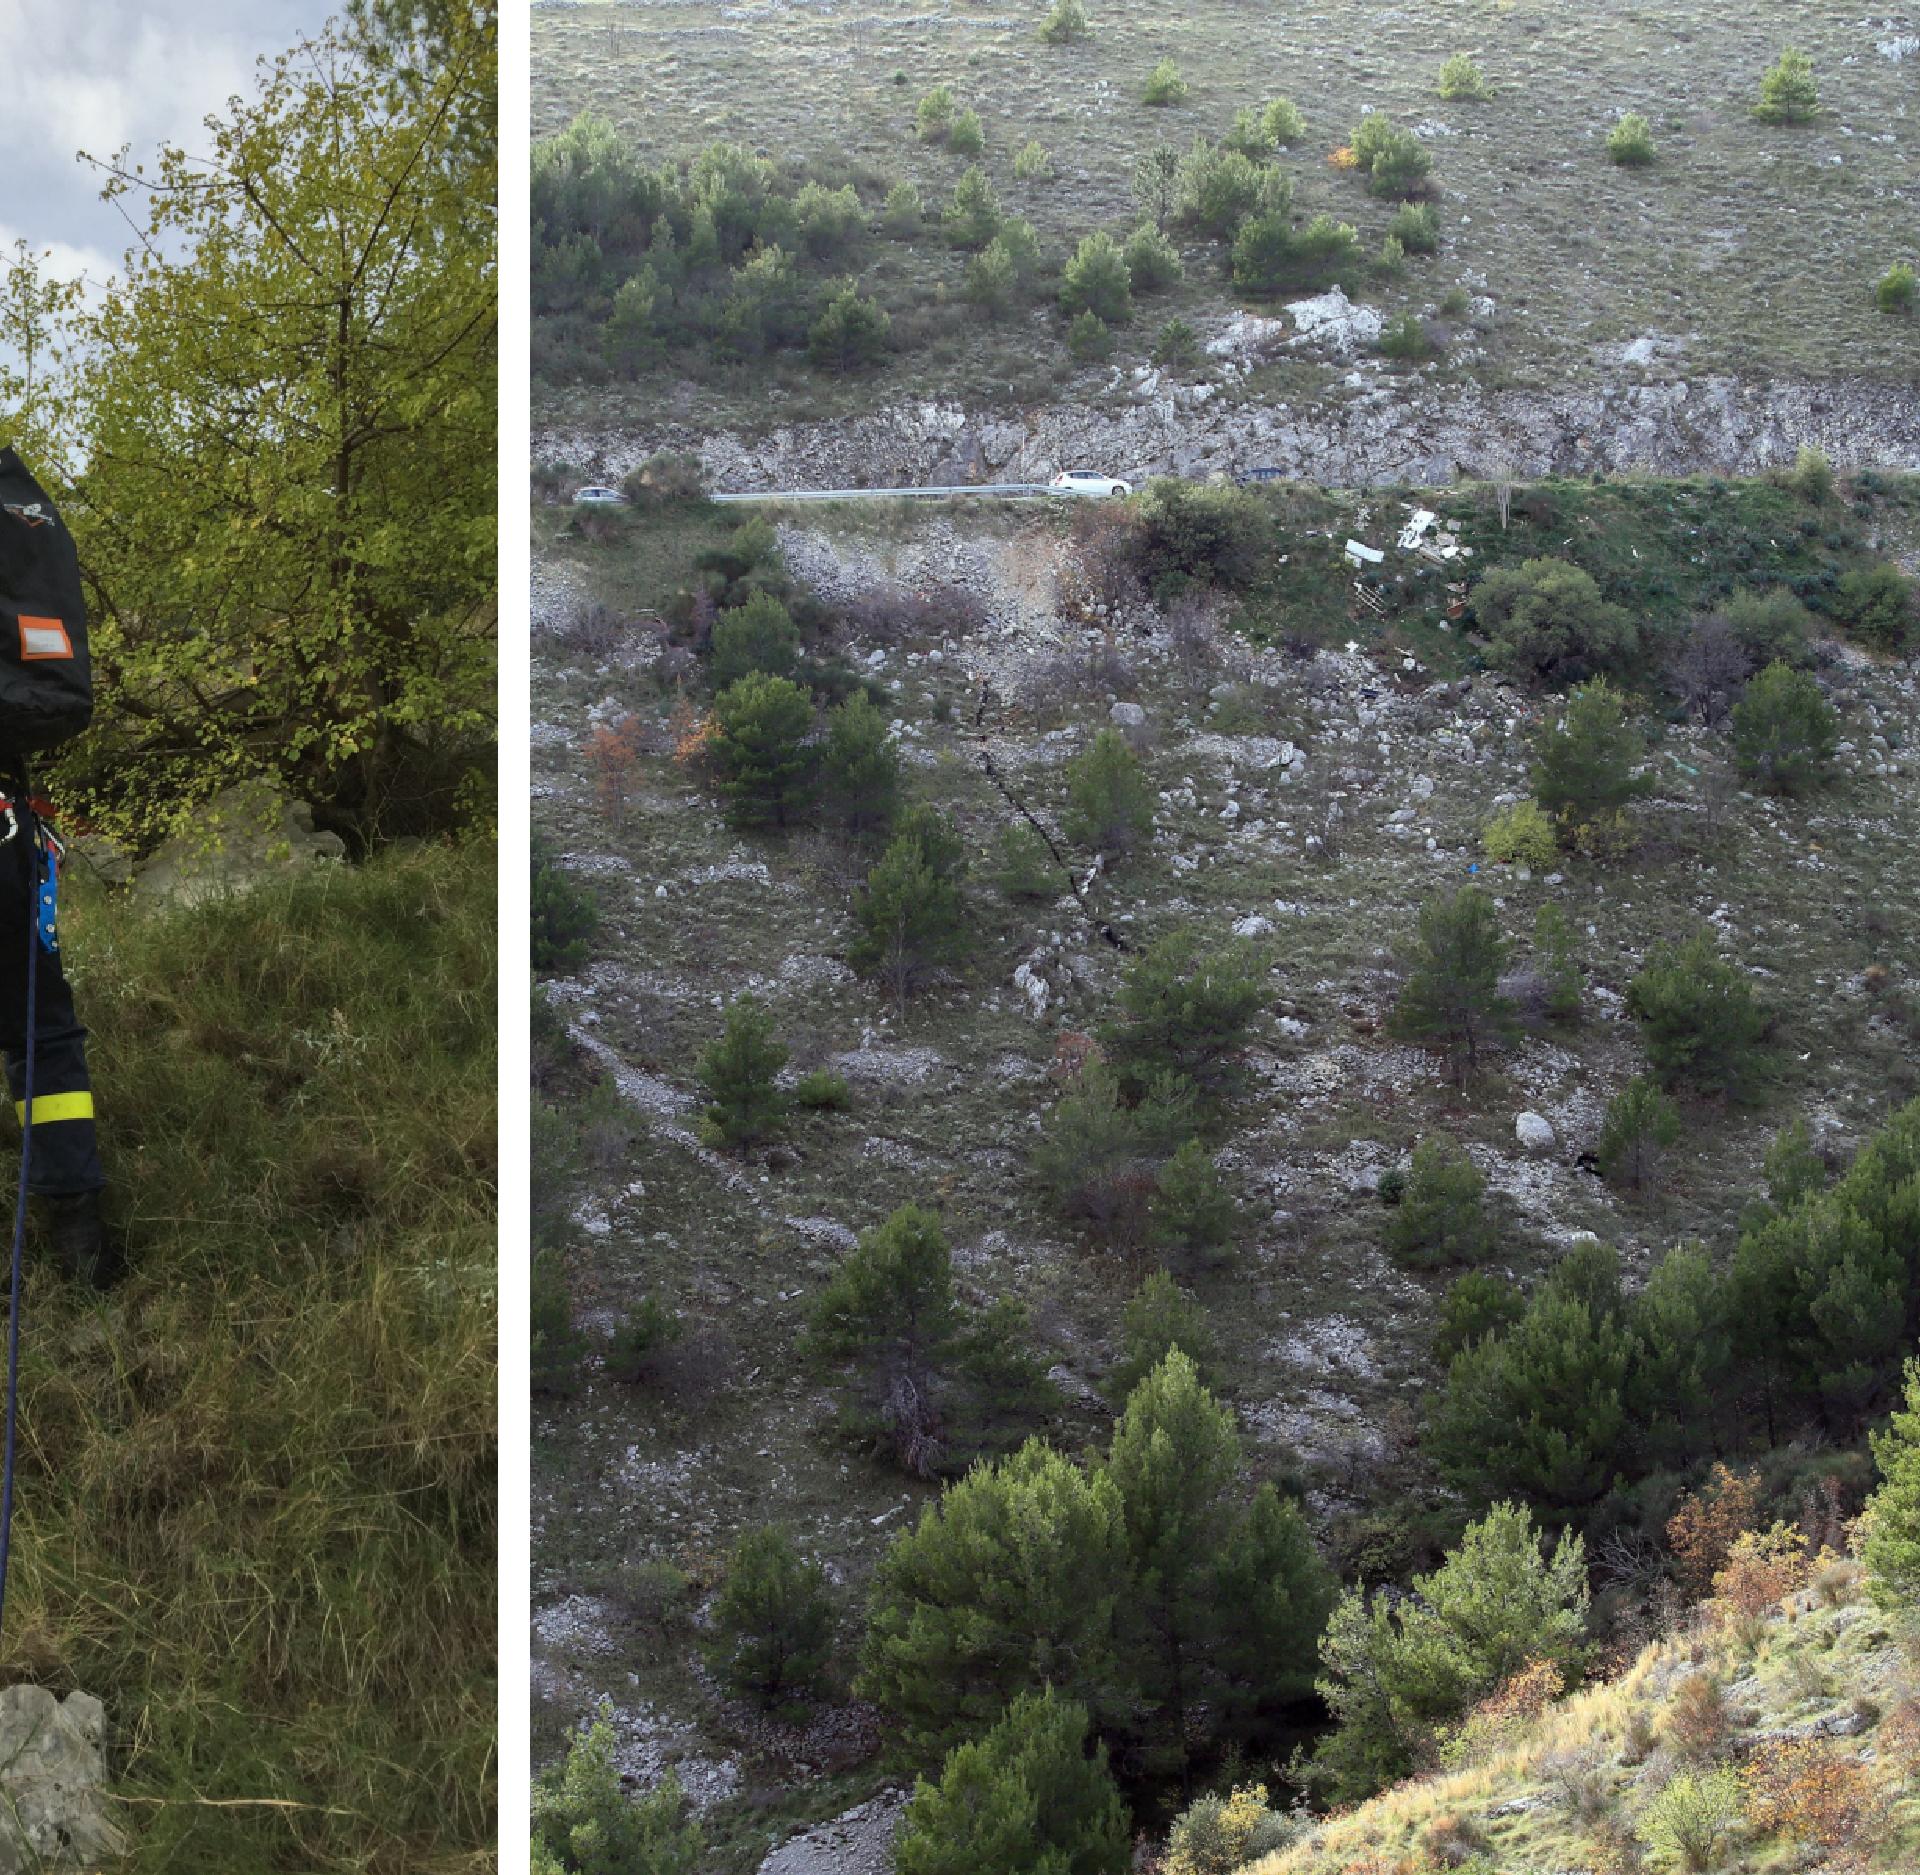 Bez ozljeda: Preživio je pad u provaliju duboku 100 metara